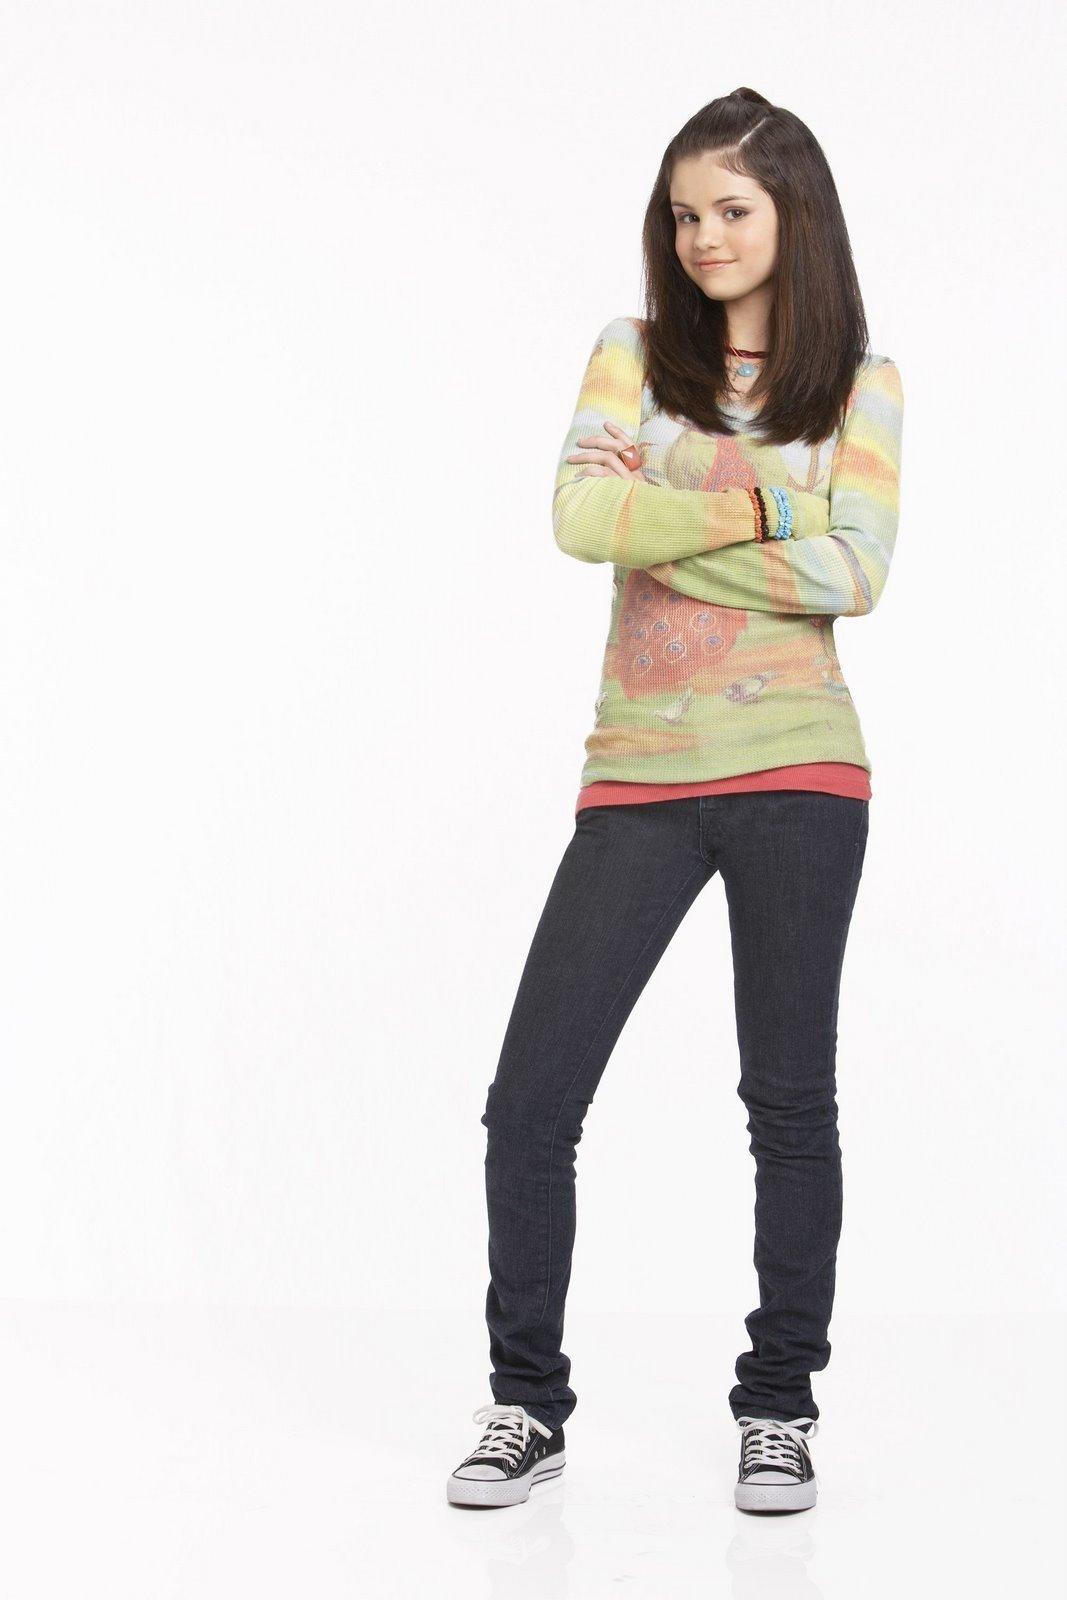 Selena Gomez How Old 115